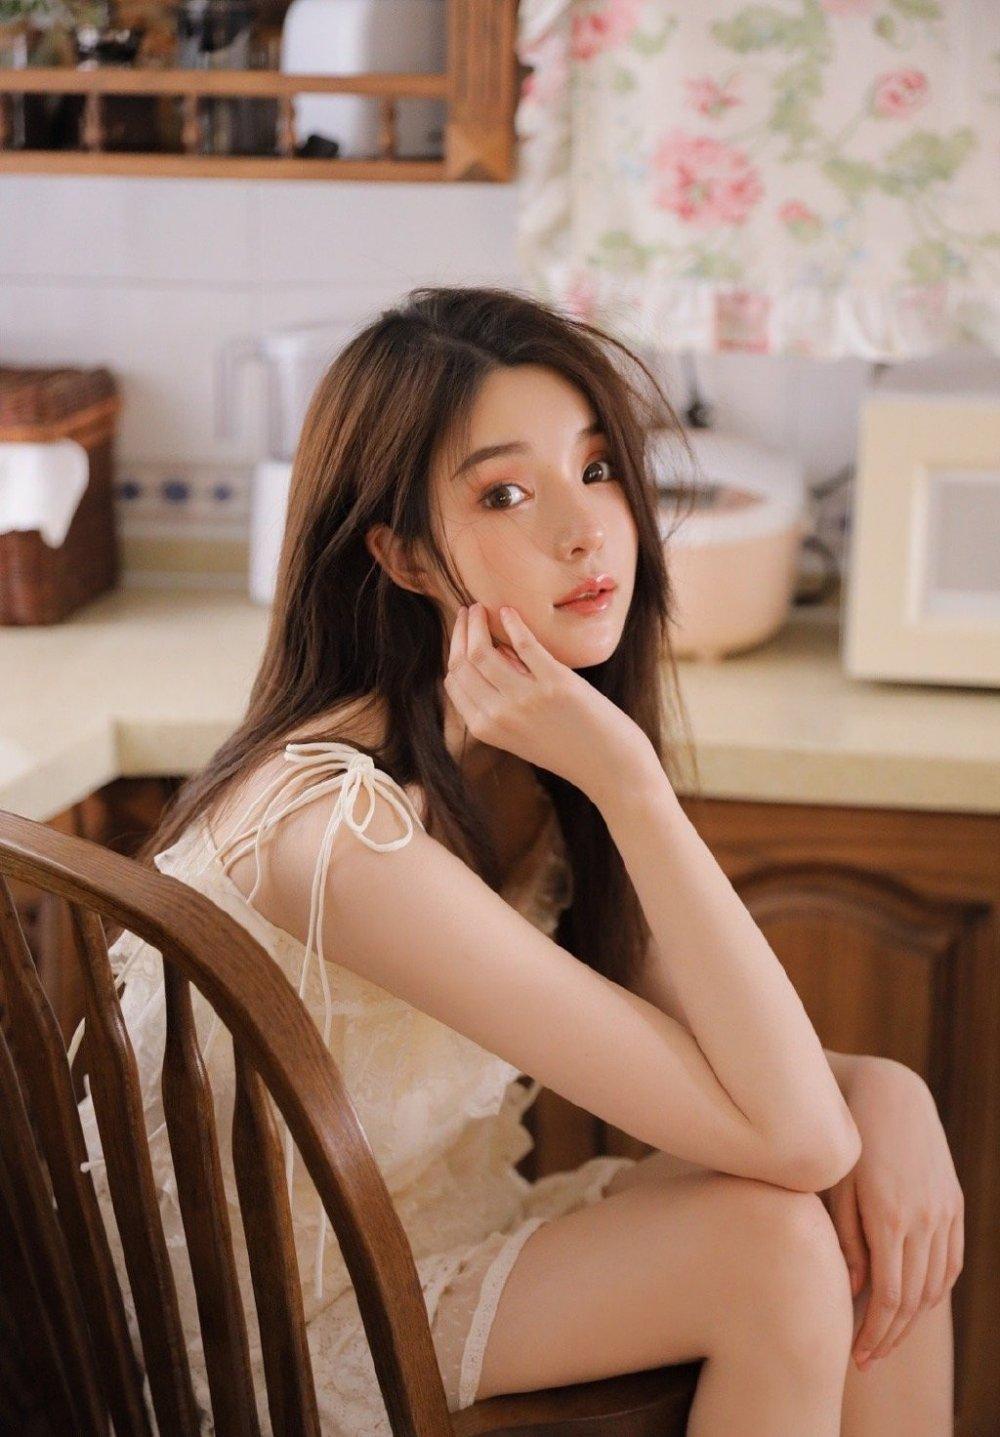 高颜值极品美女厨房吊带裙诱人写真